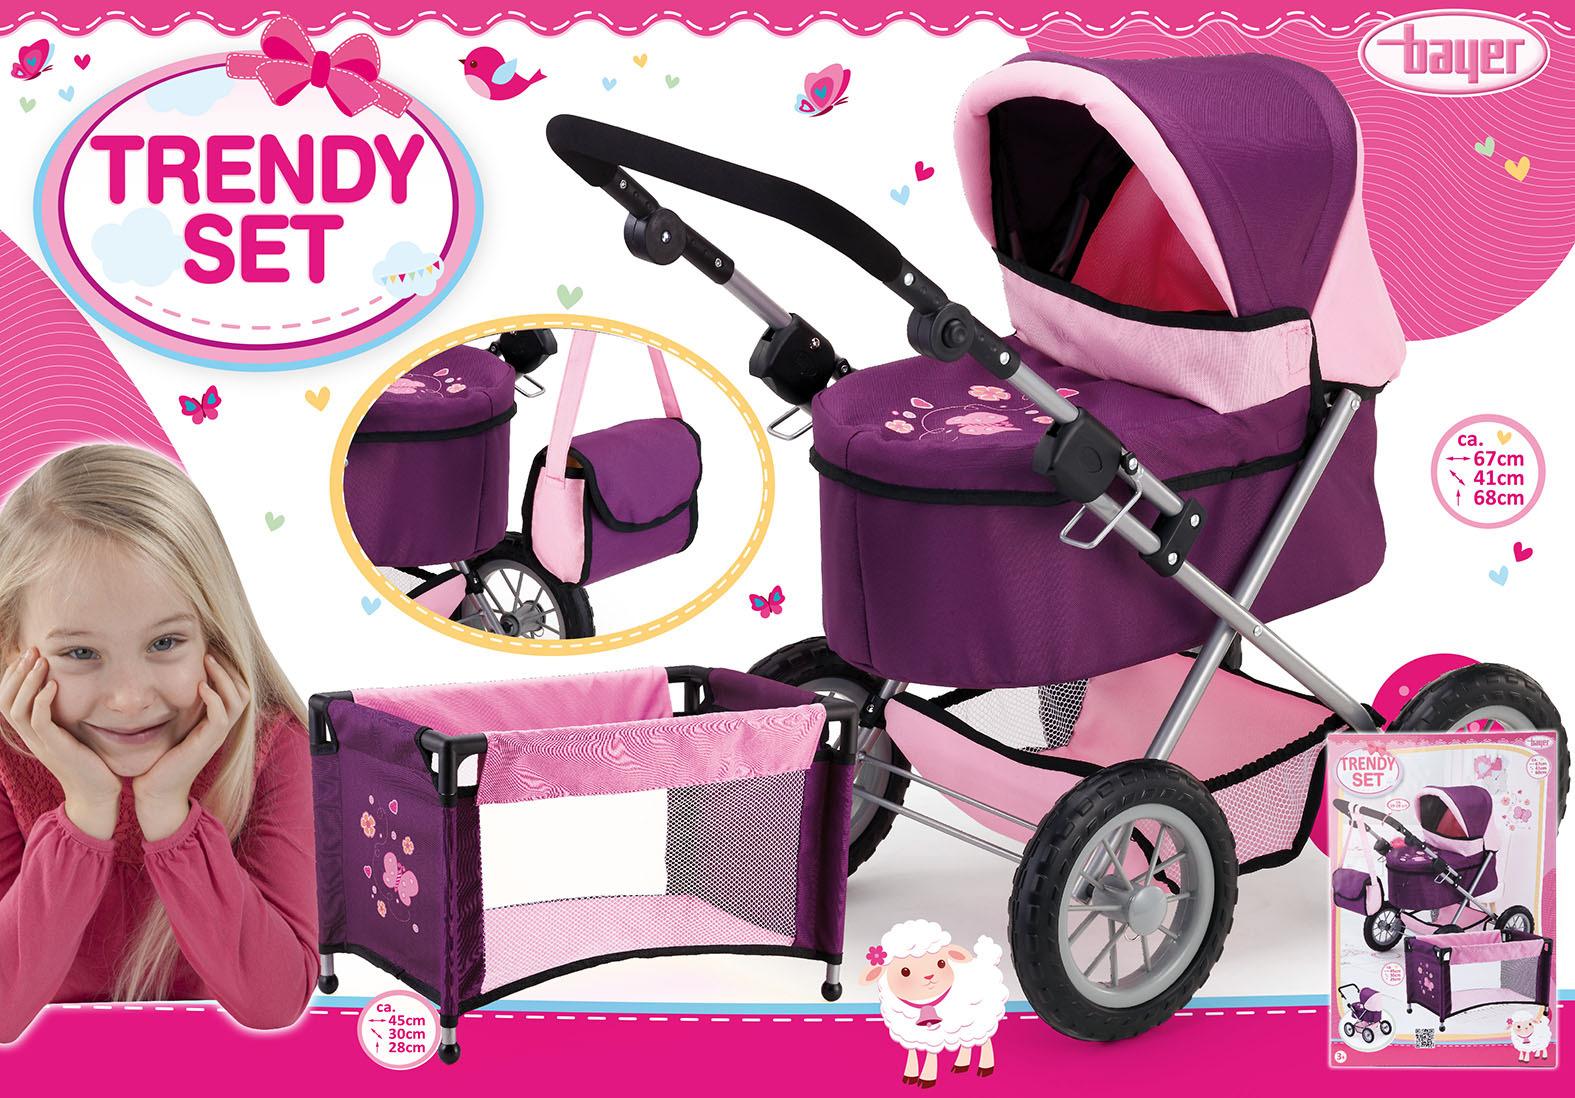 Набор для кукол Bayer Design Тренди: коляска, кроватка, цвет: фиолетовый, розовый коляска для кукол bayer design тренди цвет серый розовый